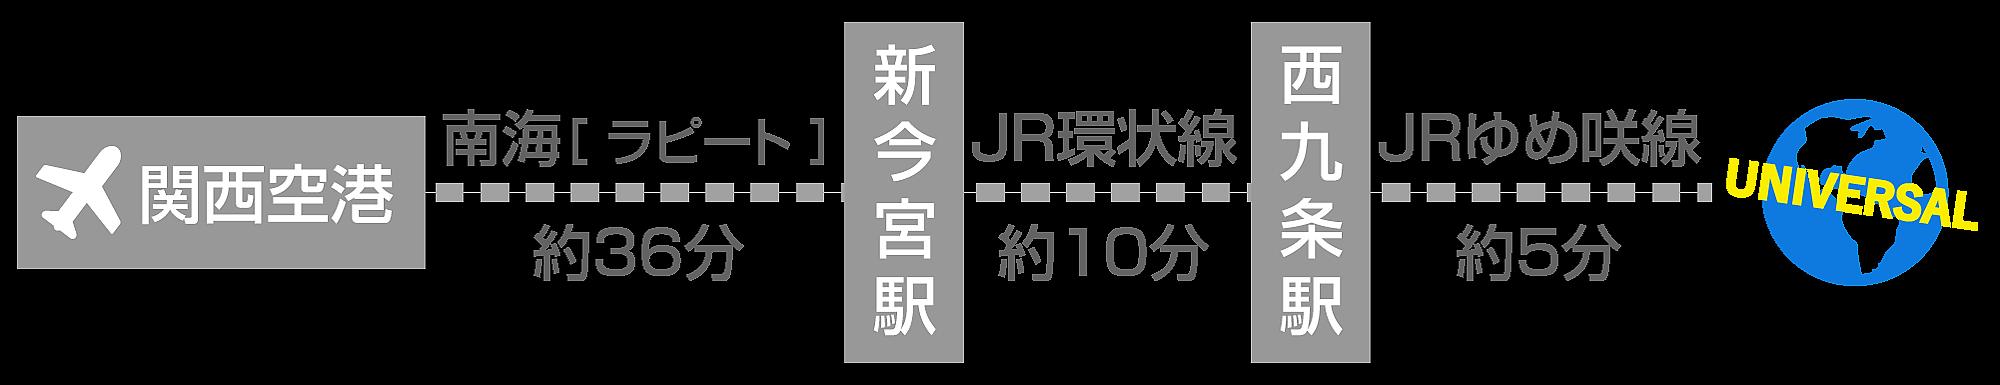 関西空港からラピートでUSJ